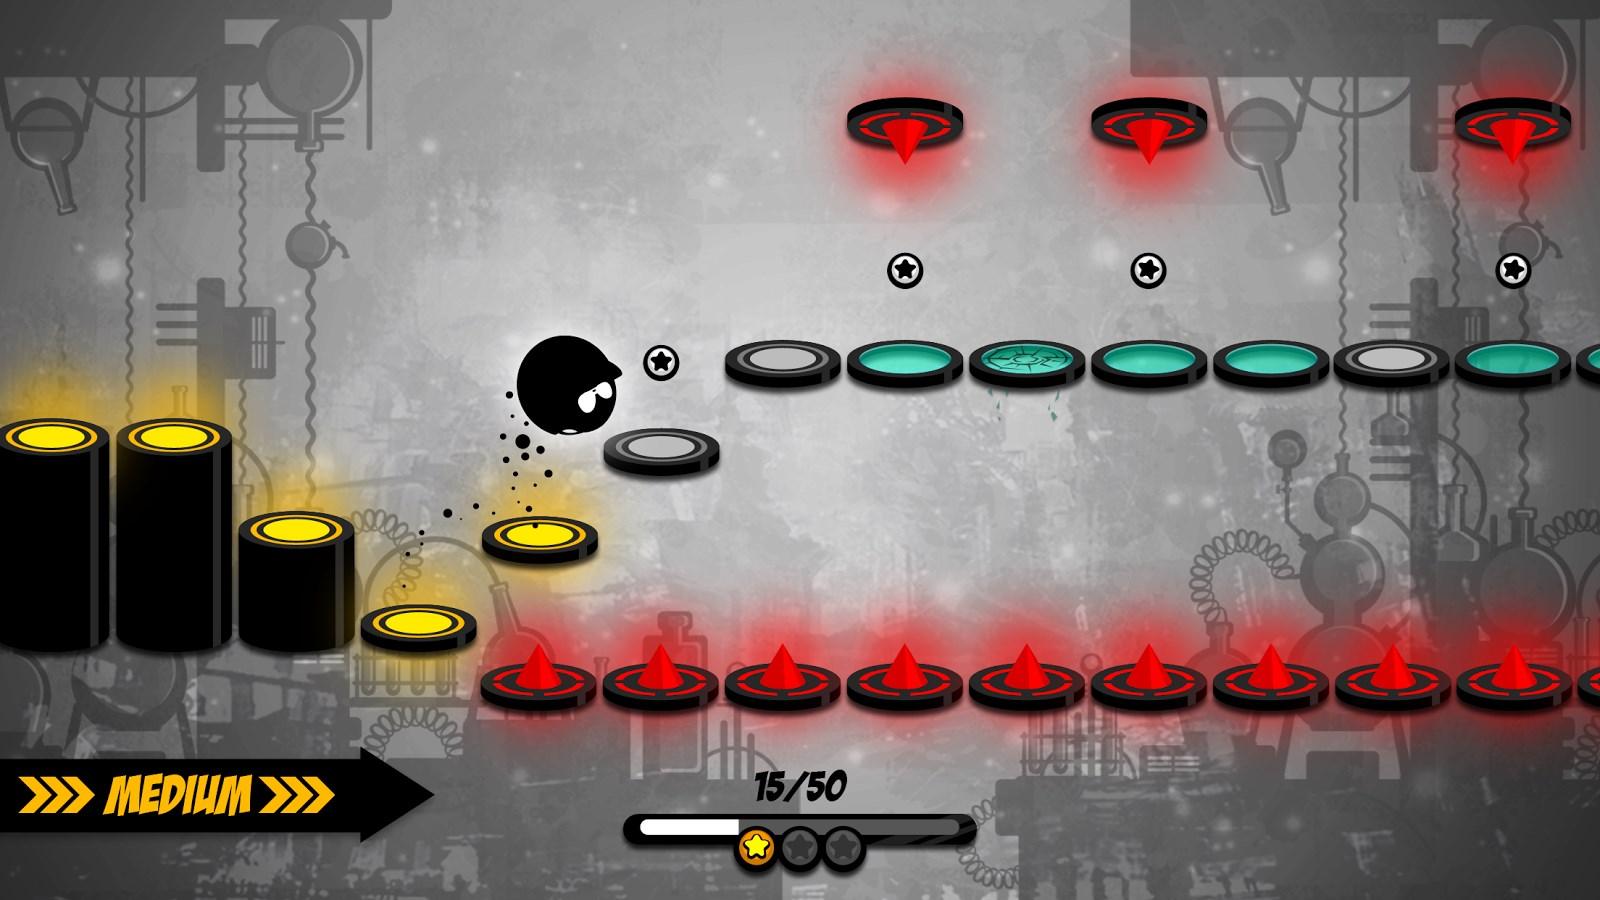 Desiste! 2 - Imagem 1 do software